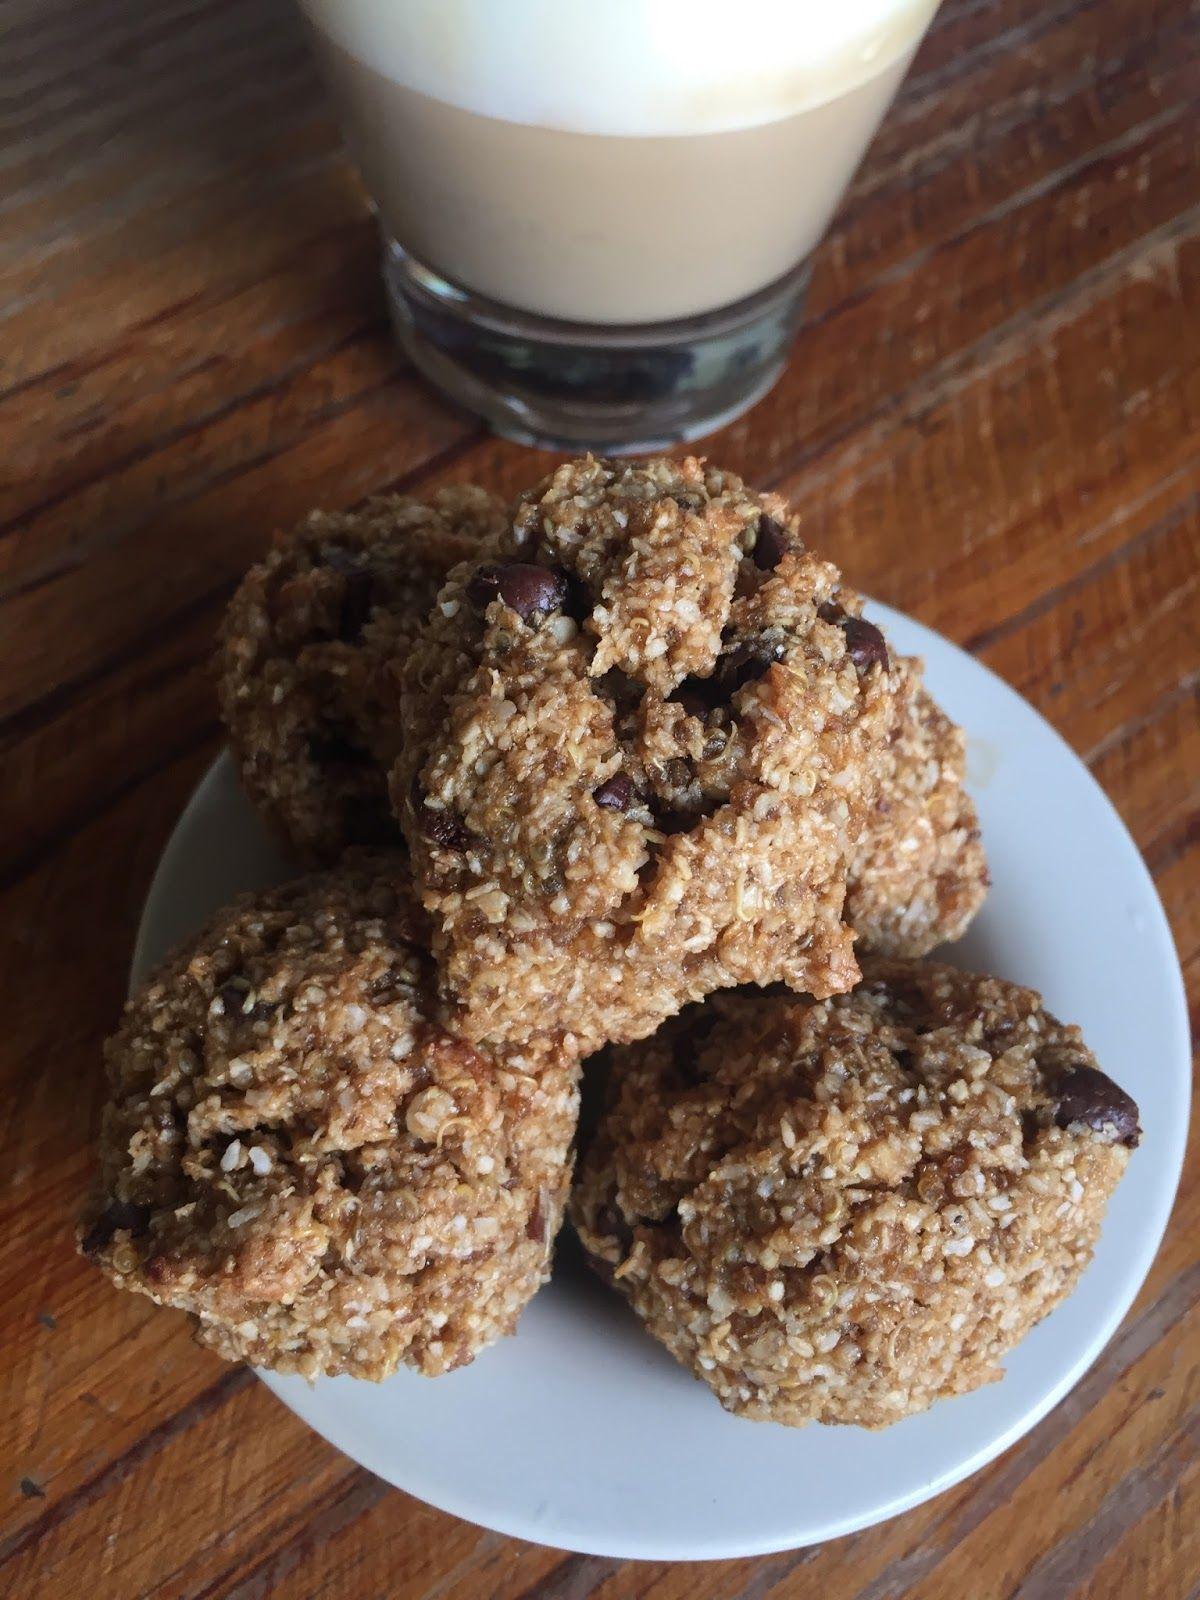 Coconut and quinoa cookie recipe Receta de galletas o galletitas de quinoa y coco